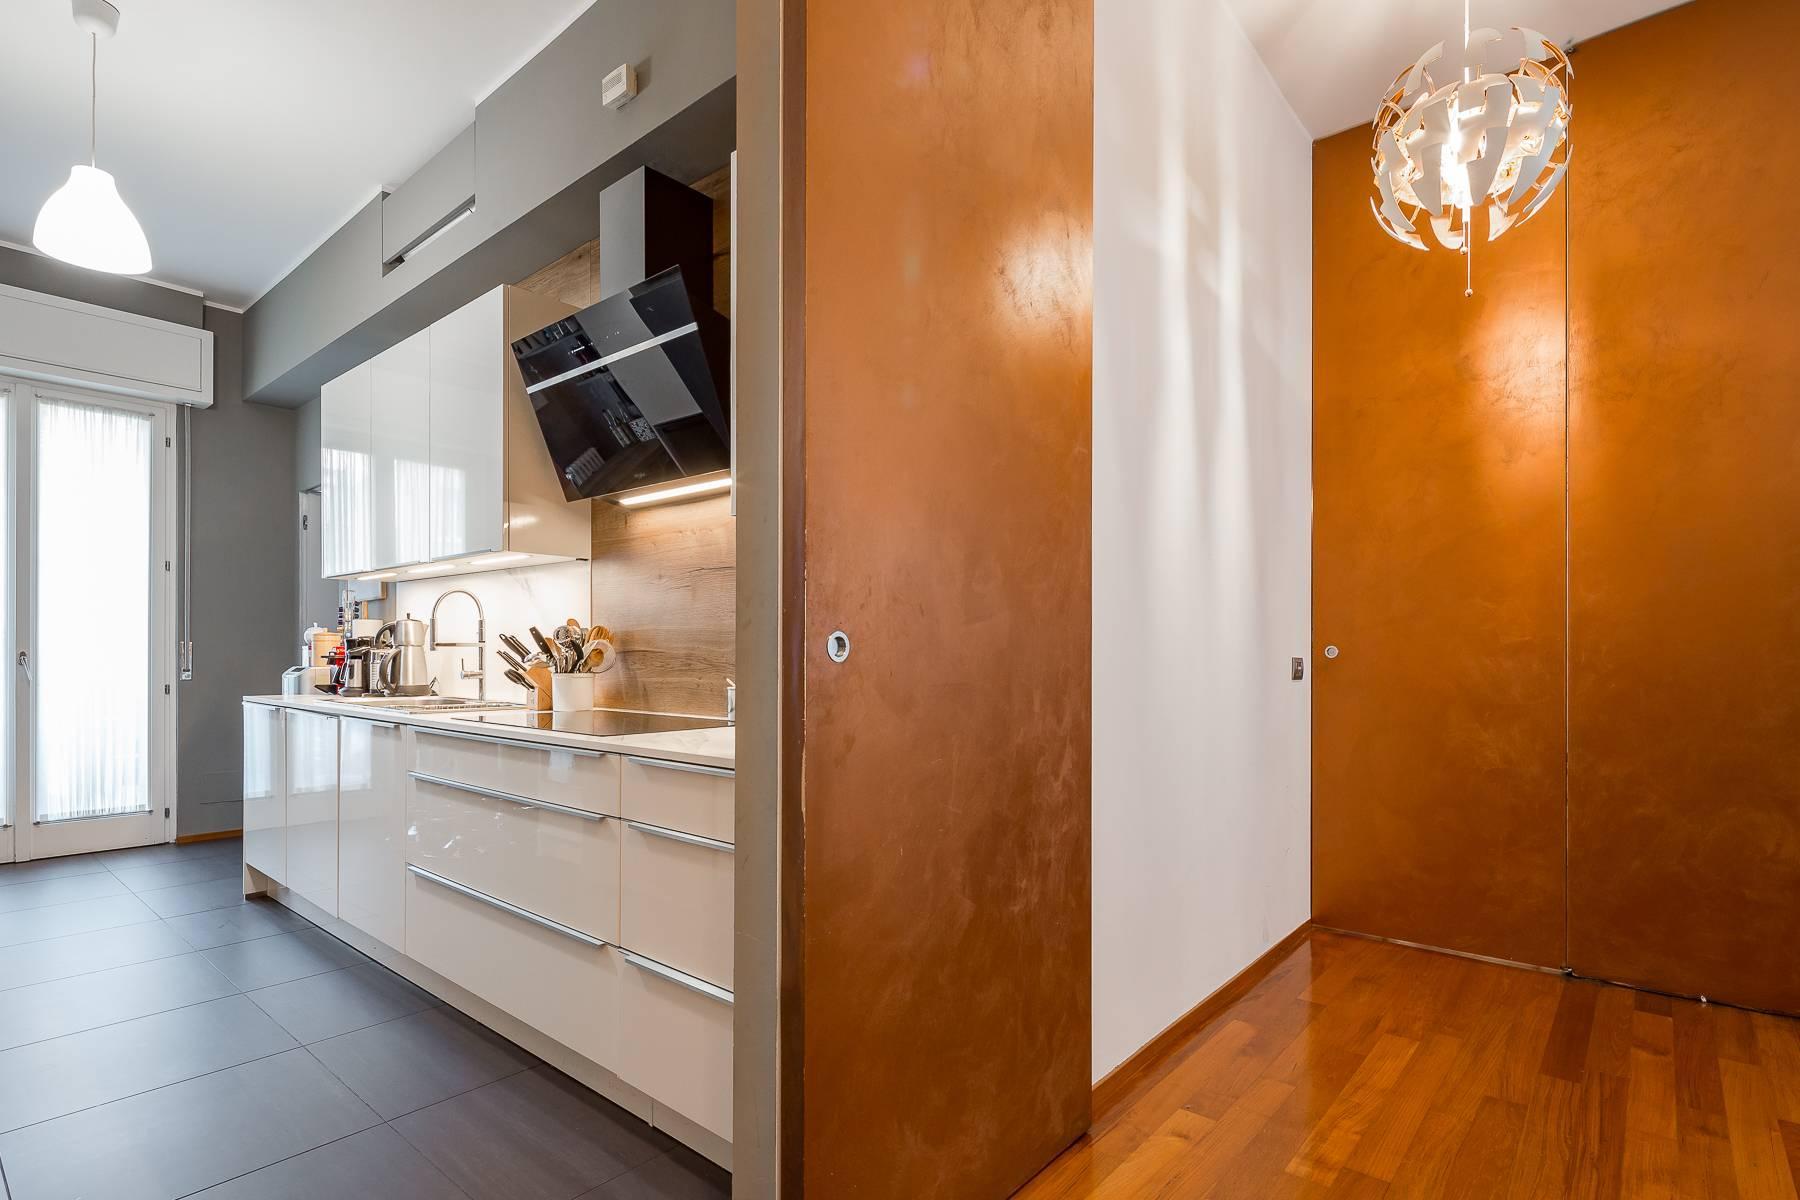 Renovierte Wohnung im Stadtviertel Ticinese/Darsena - 10